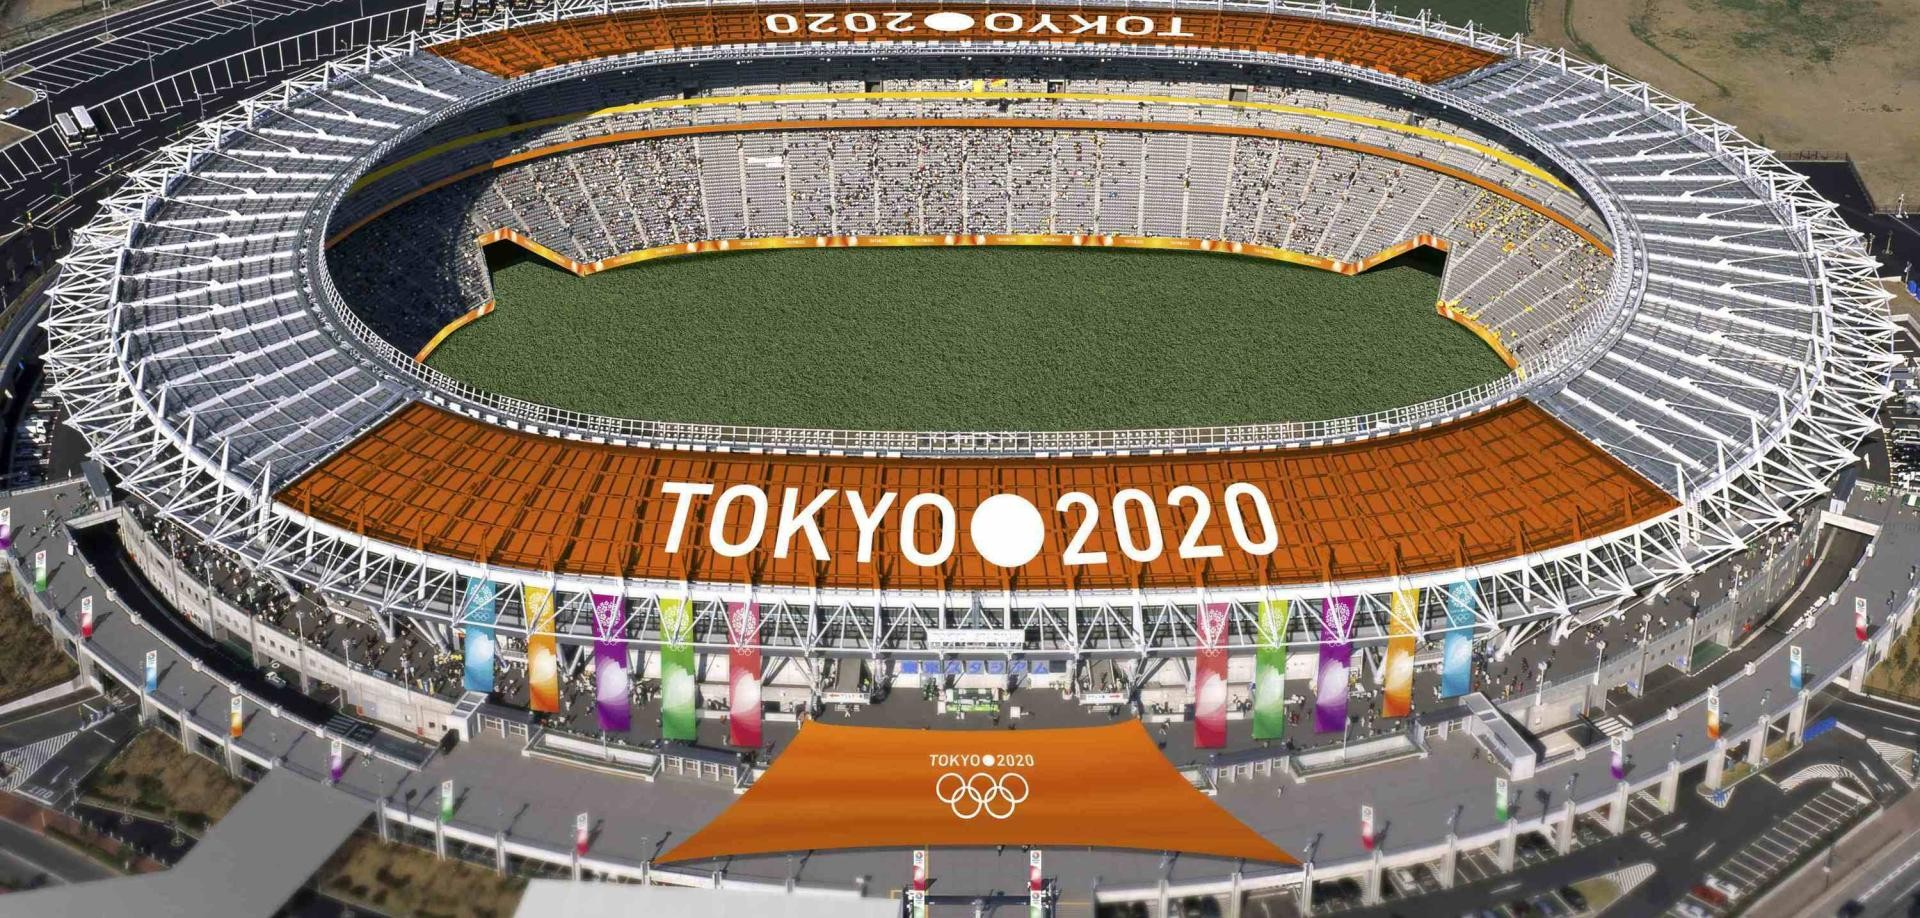 Tokyo 2020 Wie Sich Die Japanische Hauptstadt Fur Die Olympischen Sommerspiele 2020 Neu Erfindet Deutsch Japanische Gesellschaft Bielefeld E V